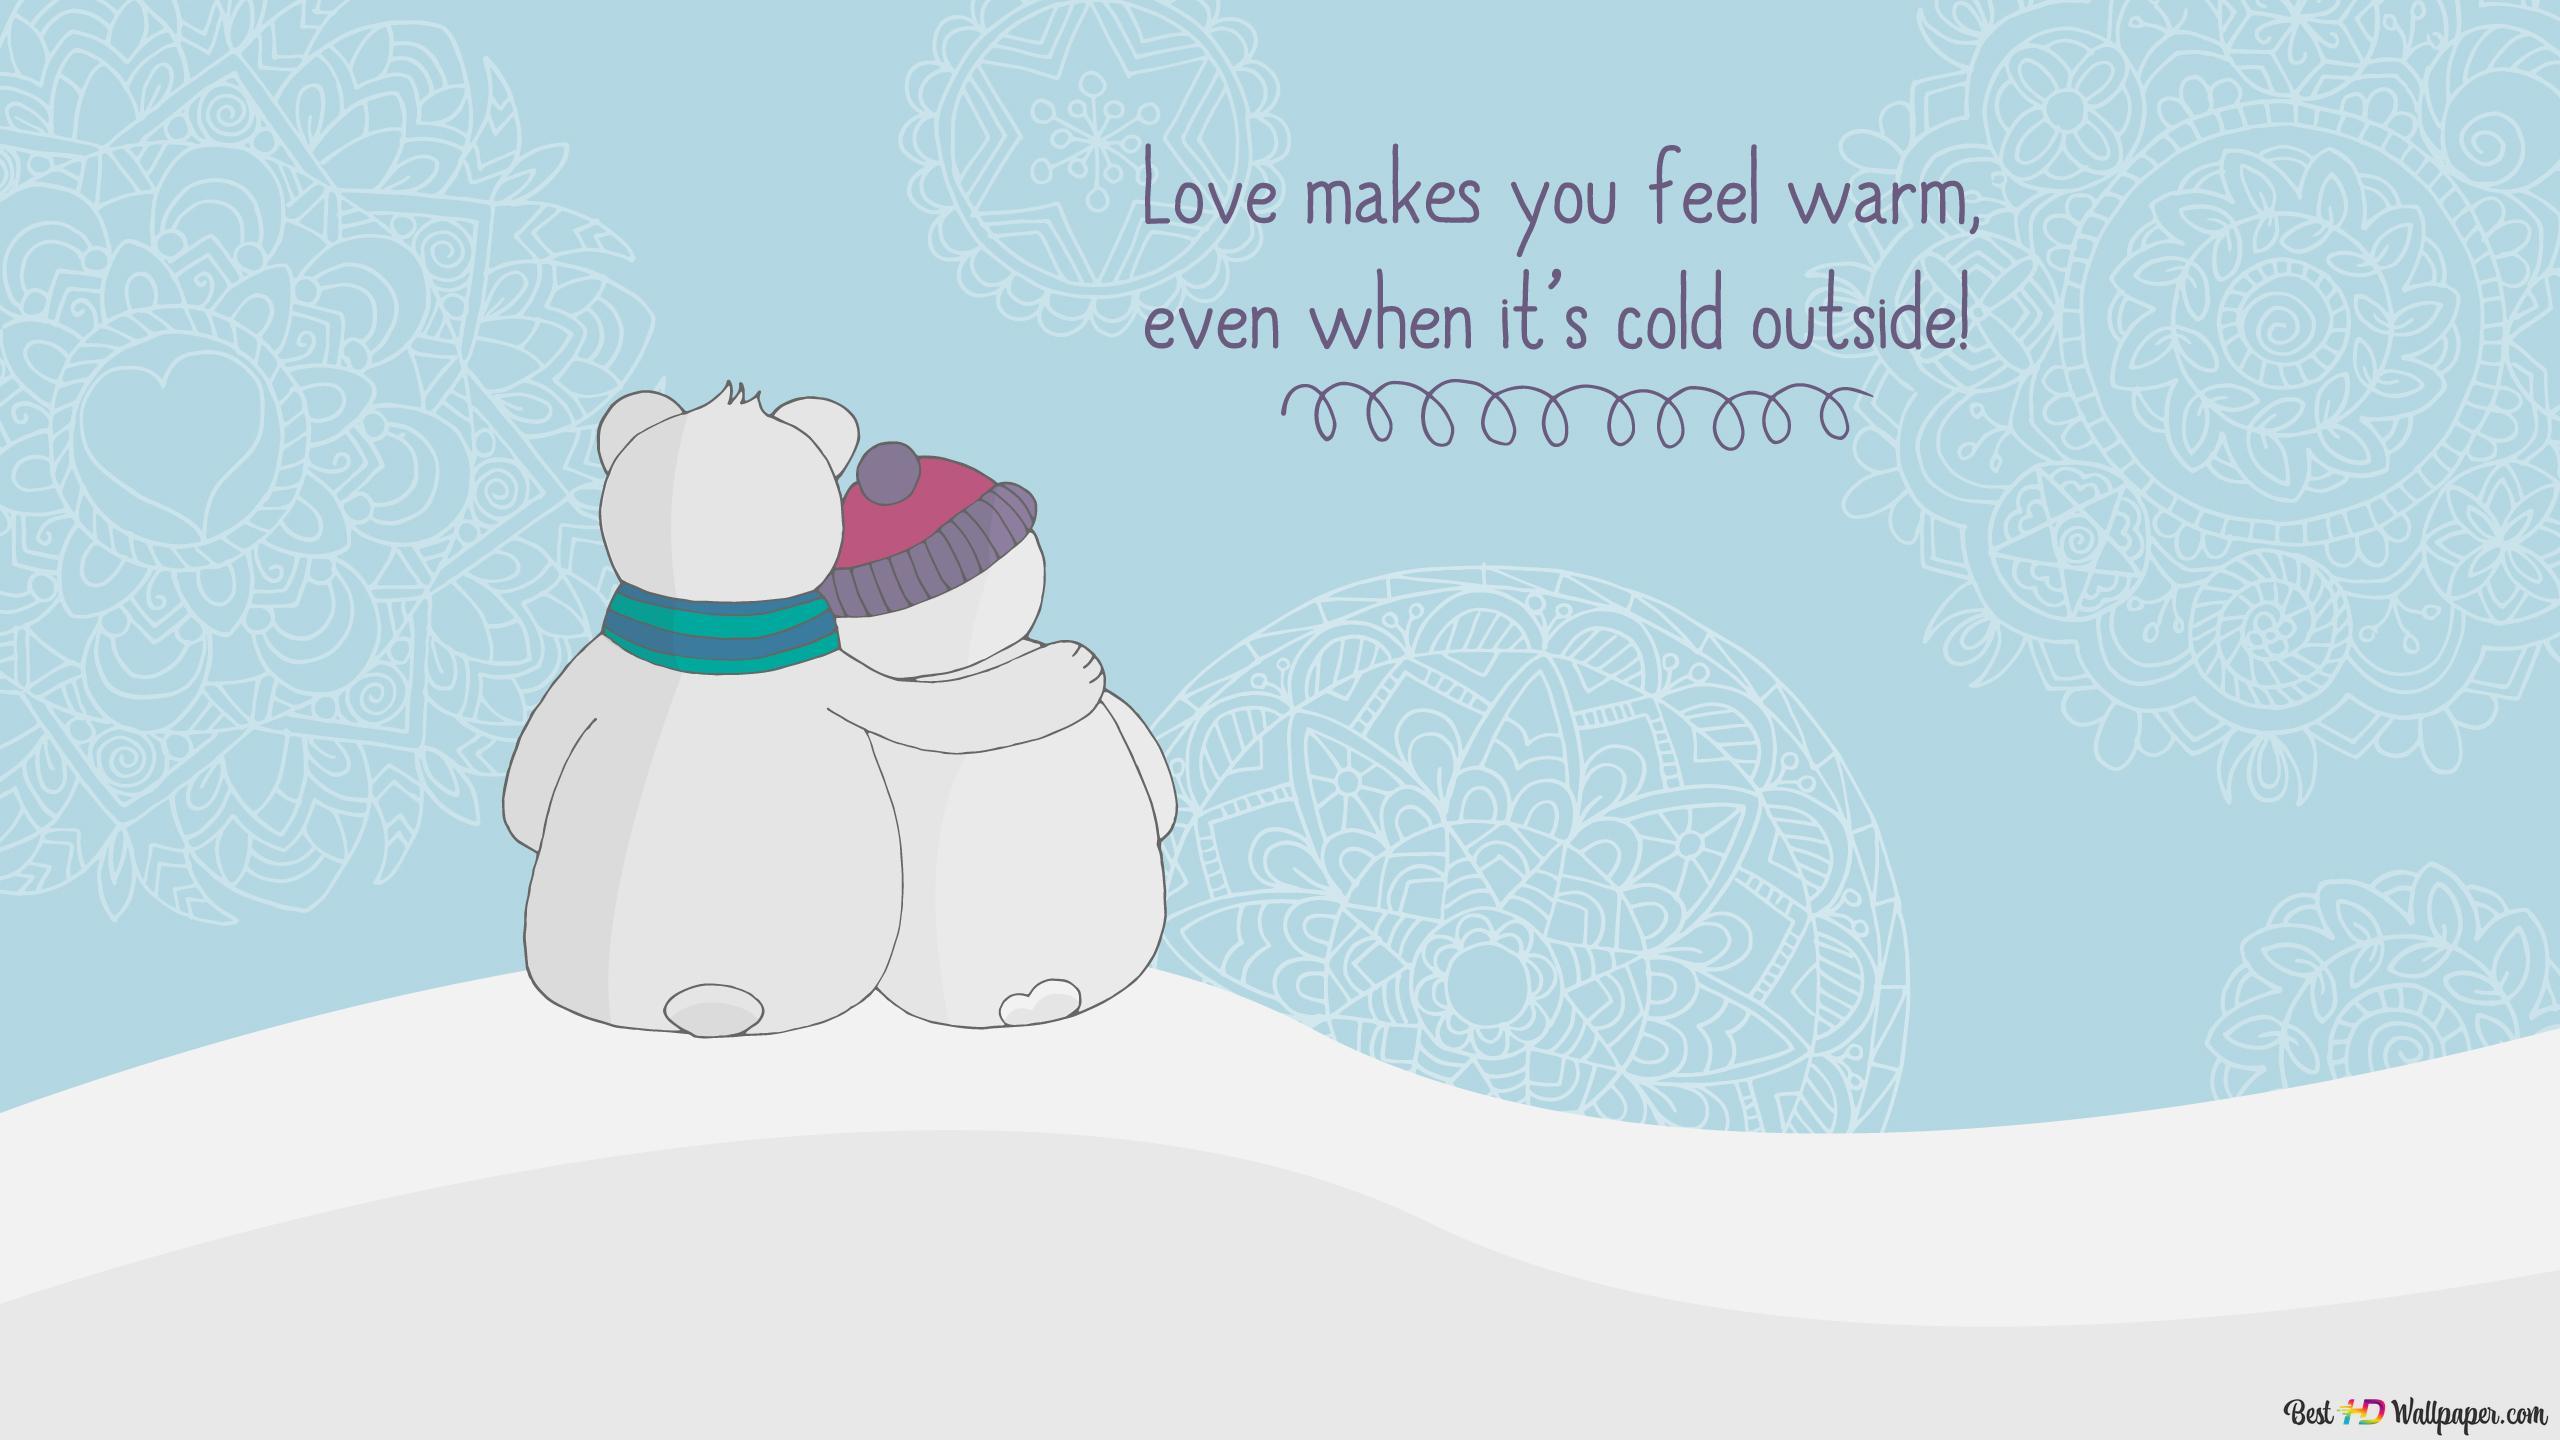 バレンタインデー 暖かい抱擁 Hd壁紙のダウンロード